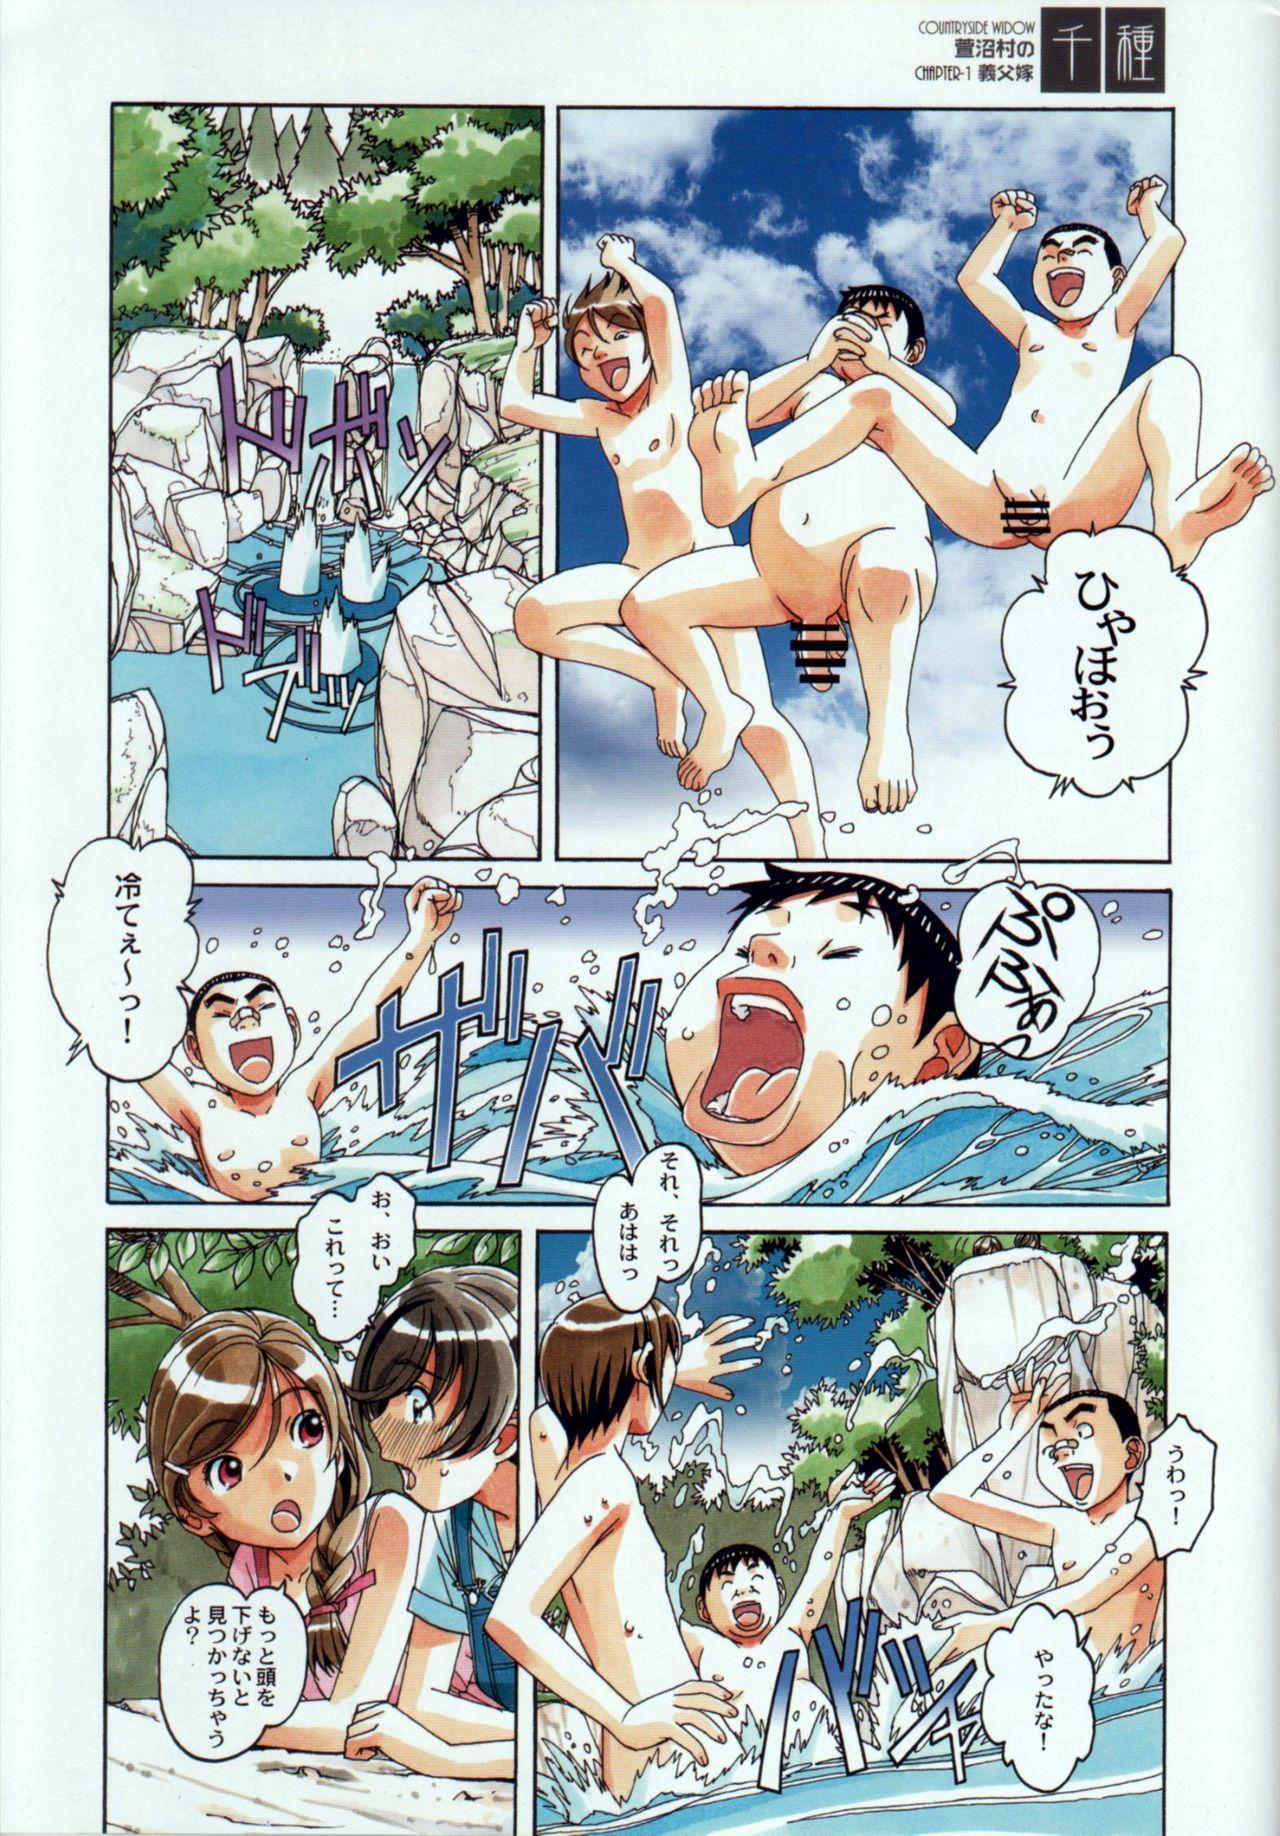 Kainuma Mura no Seikatsu Jijou 1 Gifuyome Chigusa 2